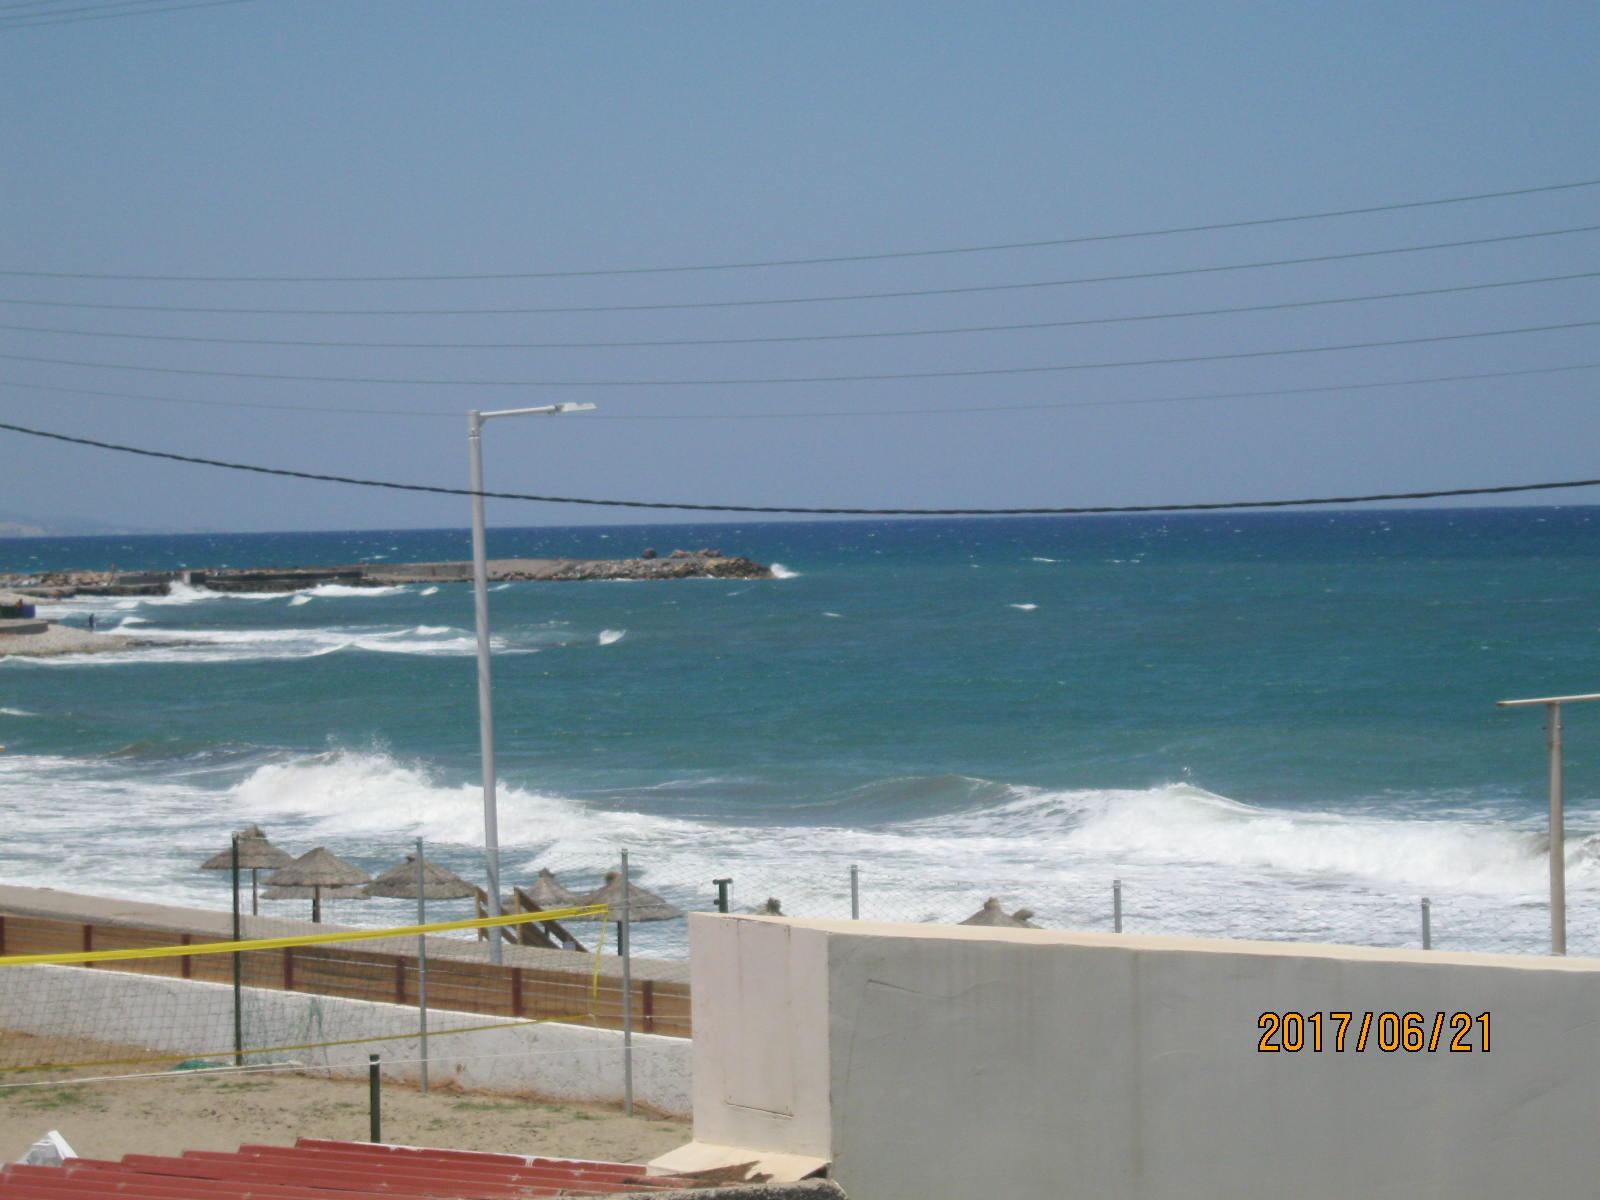 És az imádott tenger, az erkélyről nézve.<br />Somának a tenger zúgása volt az altatója ;)